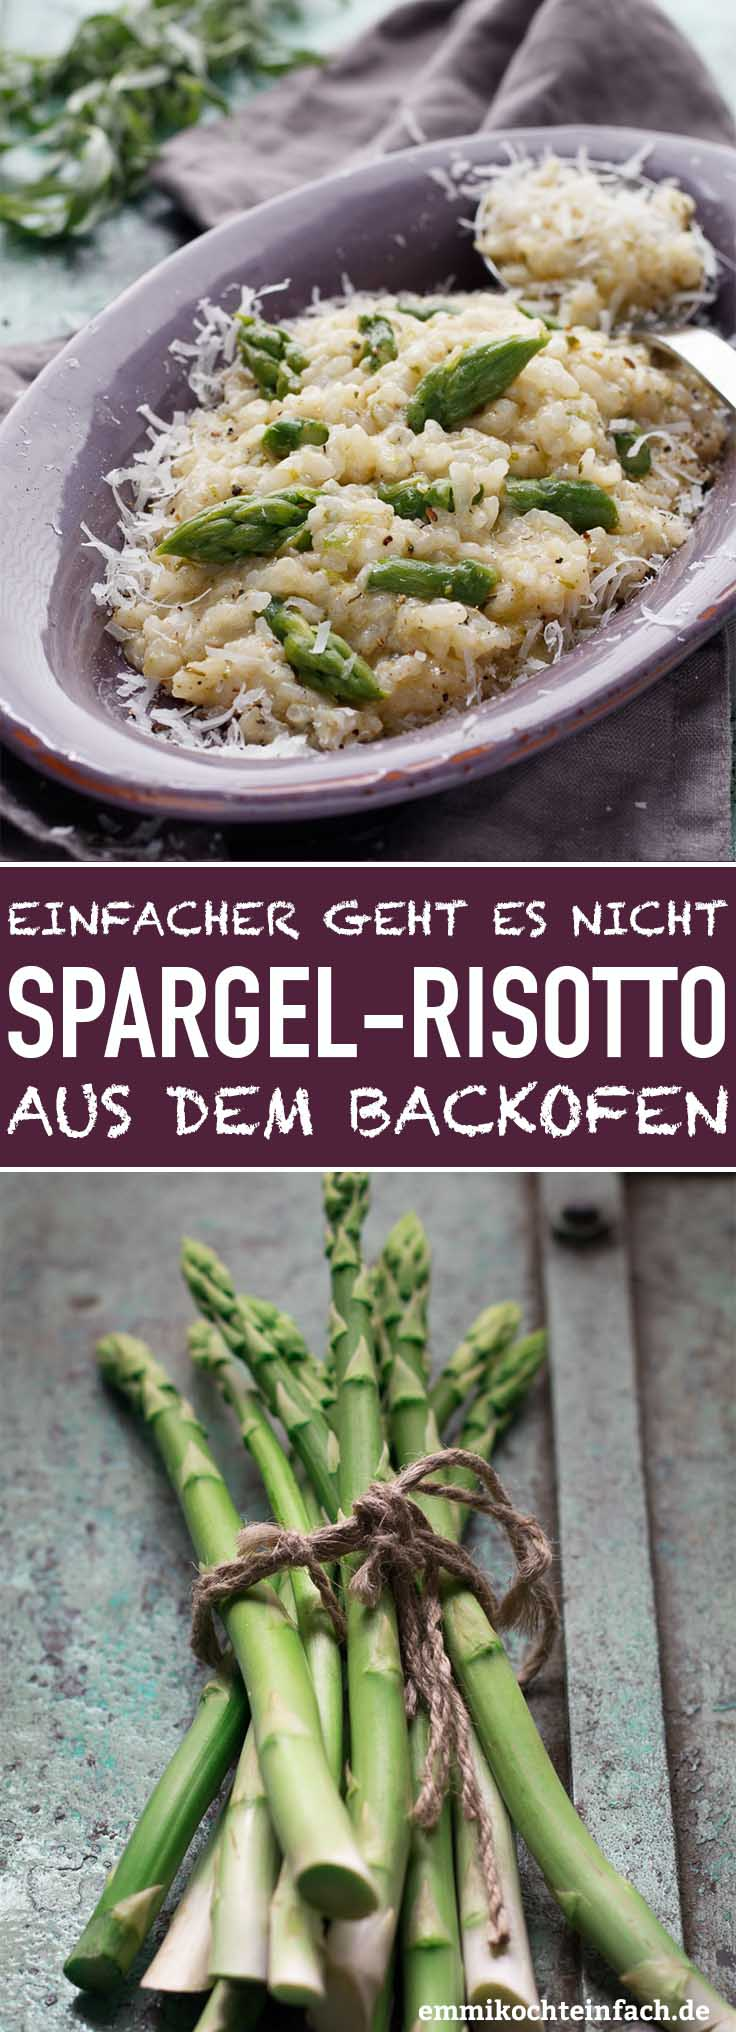 Risotto aus dem Backofen in der Spargelzeit - www.emmikochteinfach.de